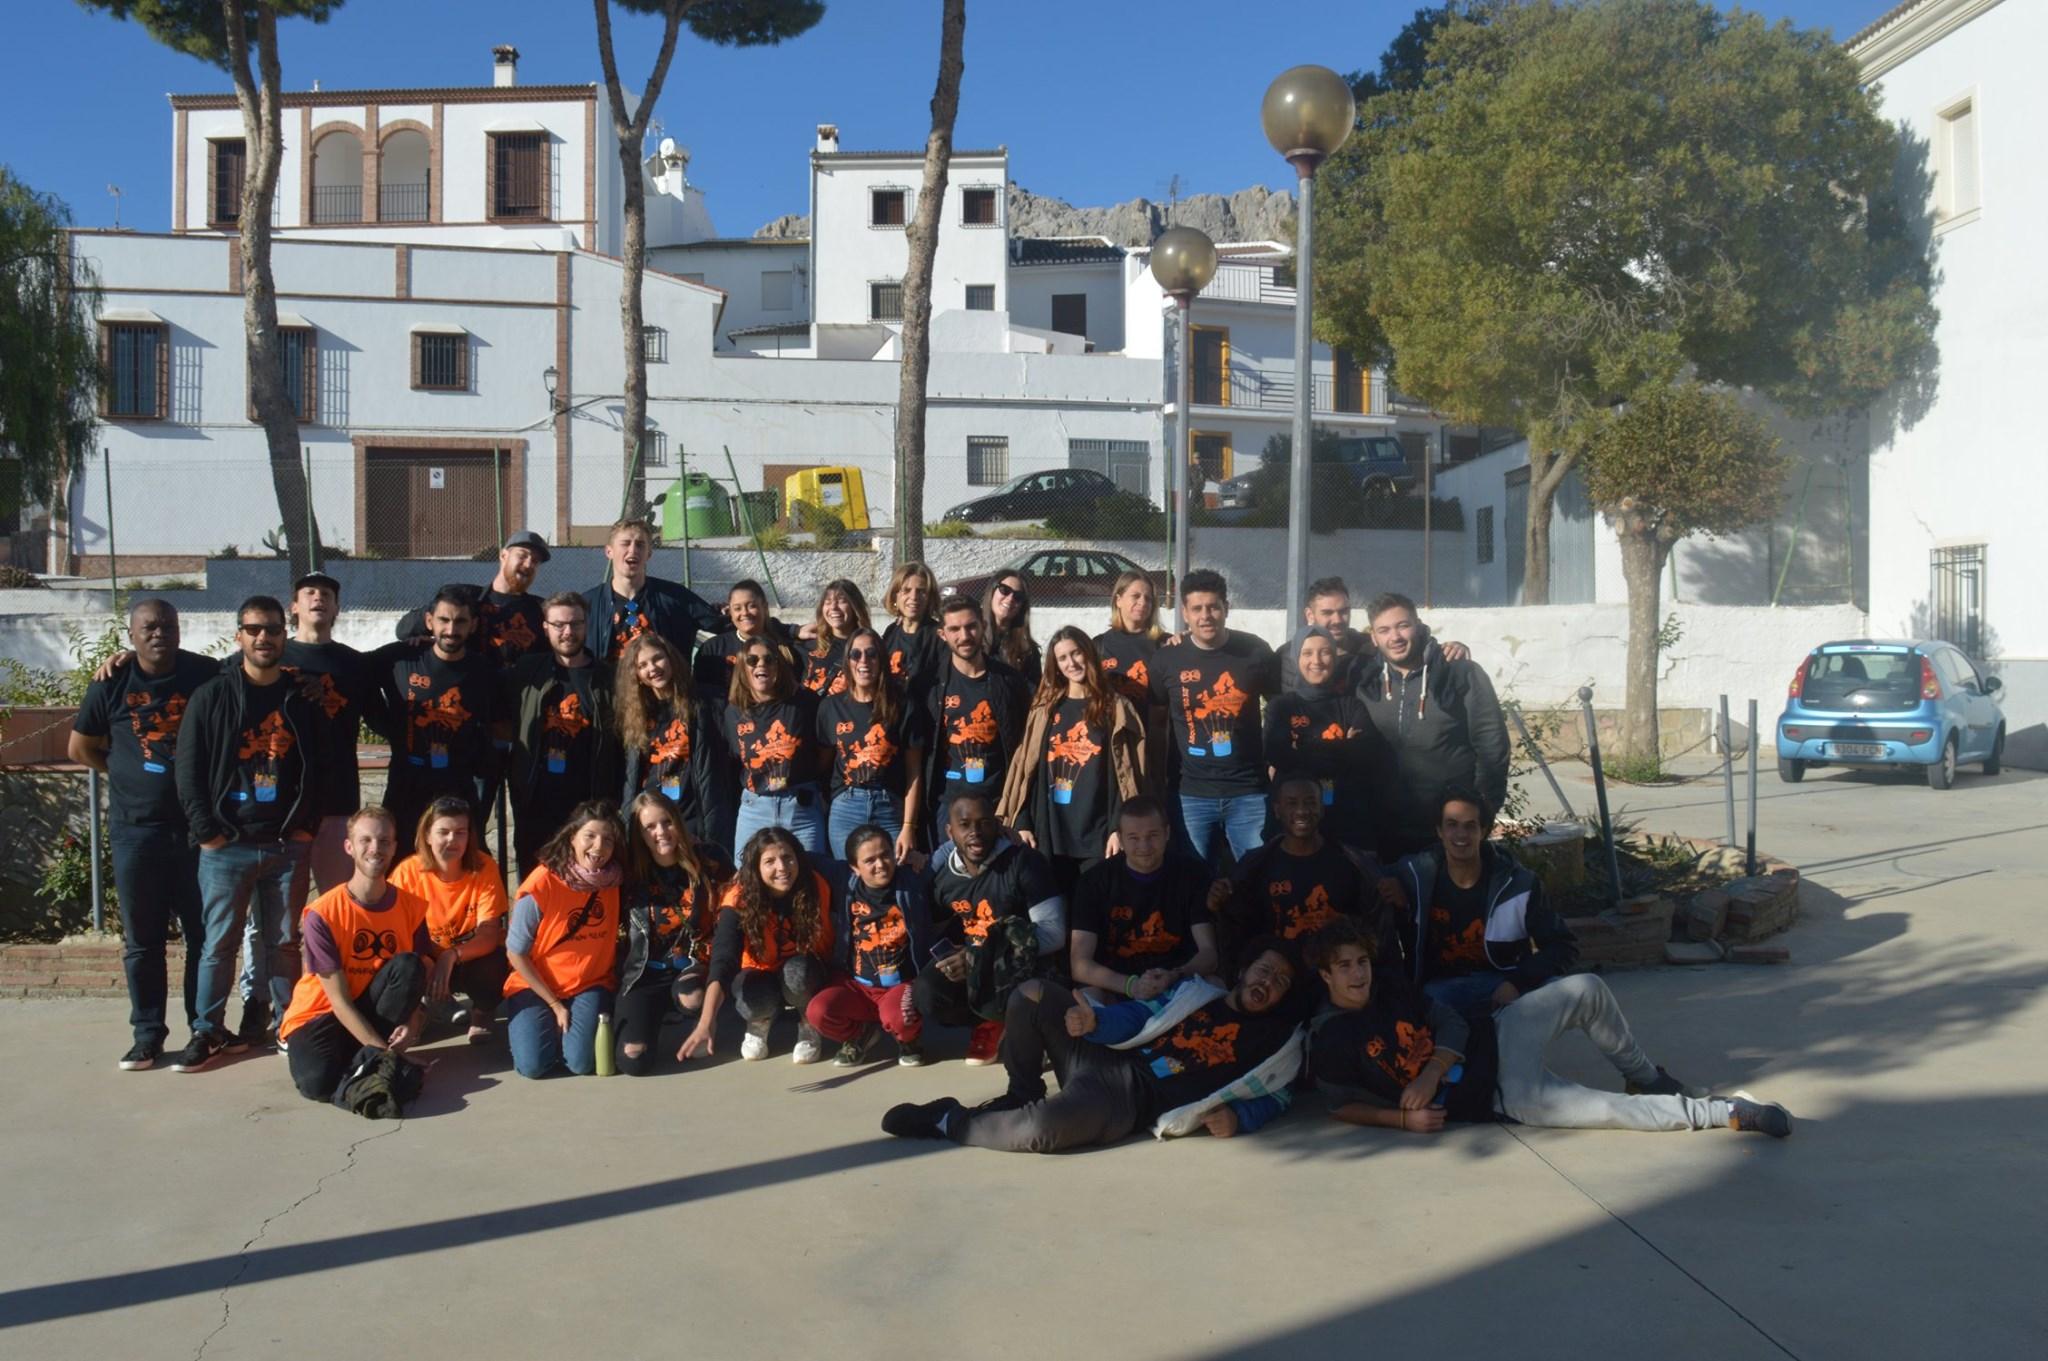 (Македонски) Како изгледа еден ЕВС проект во Малага, Шпанија?